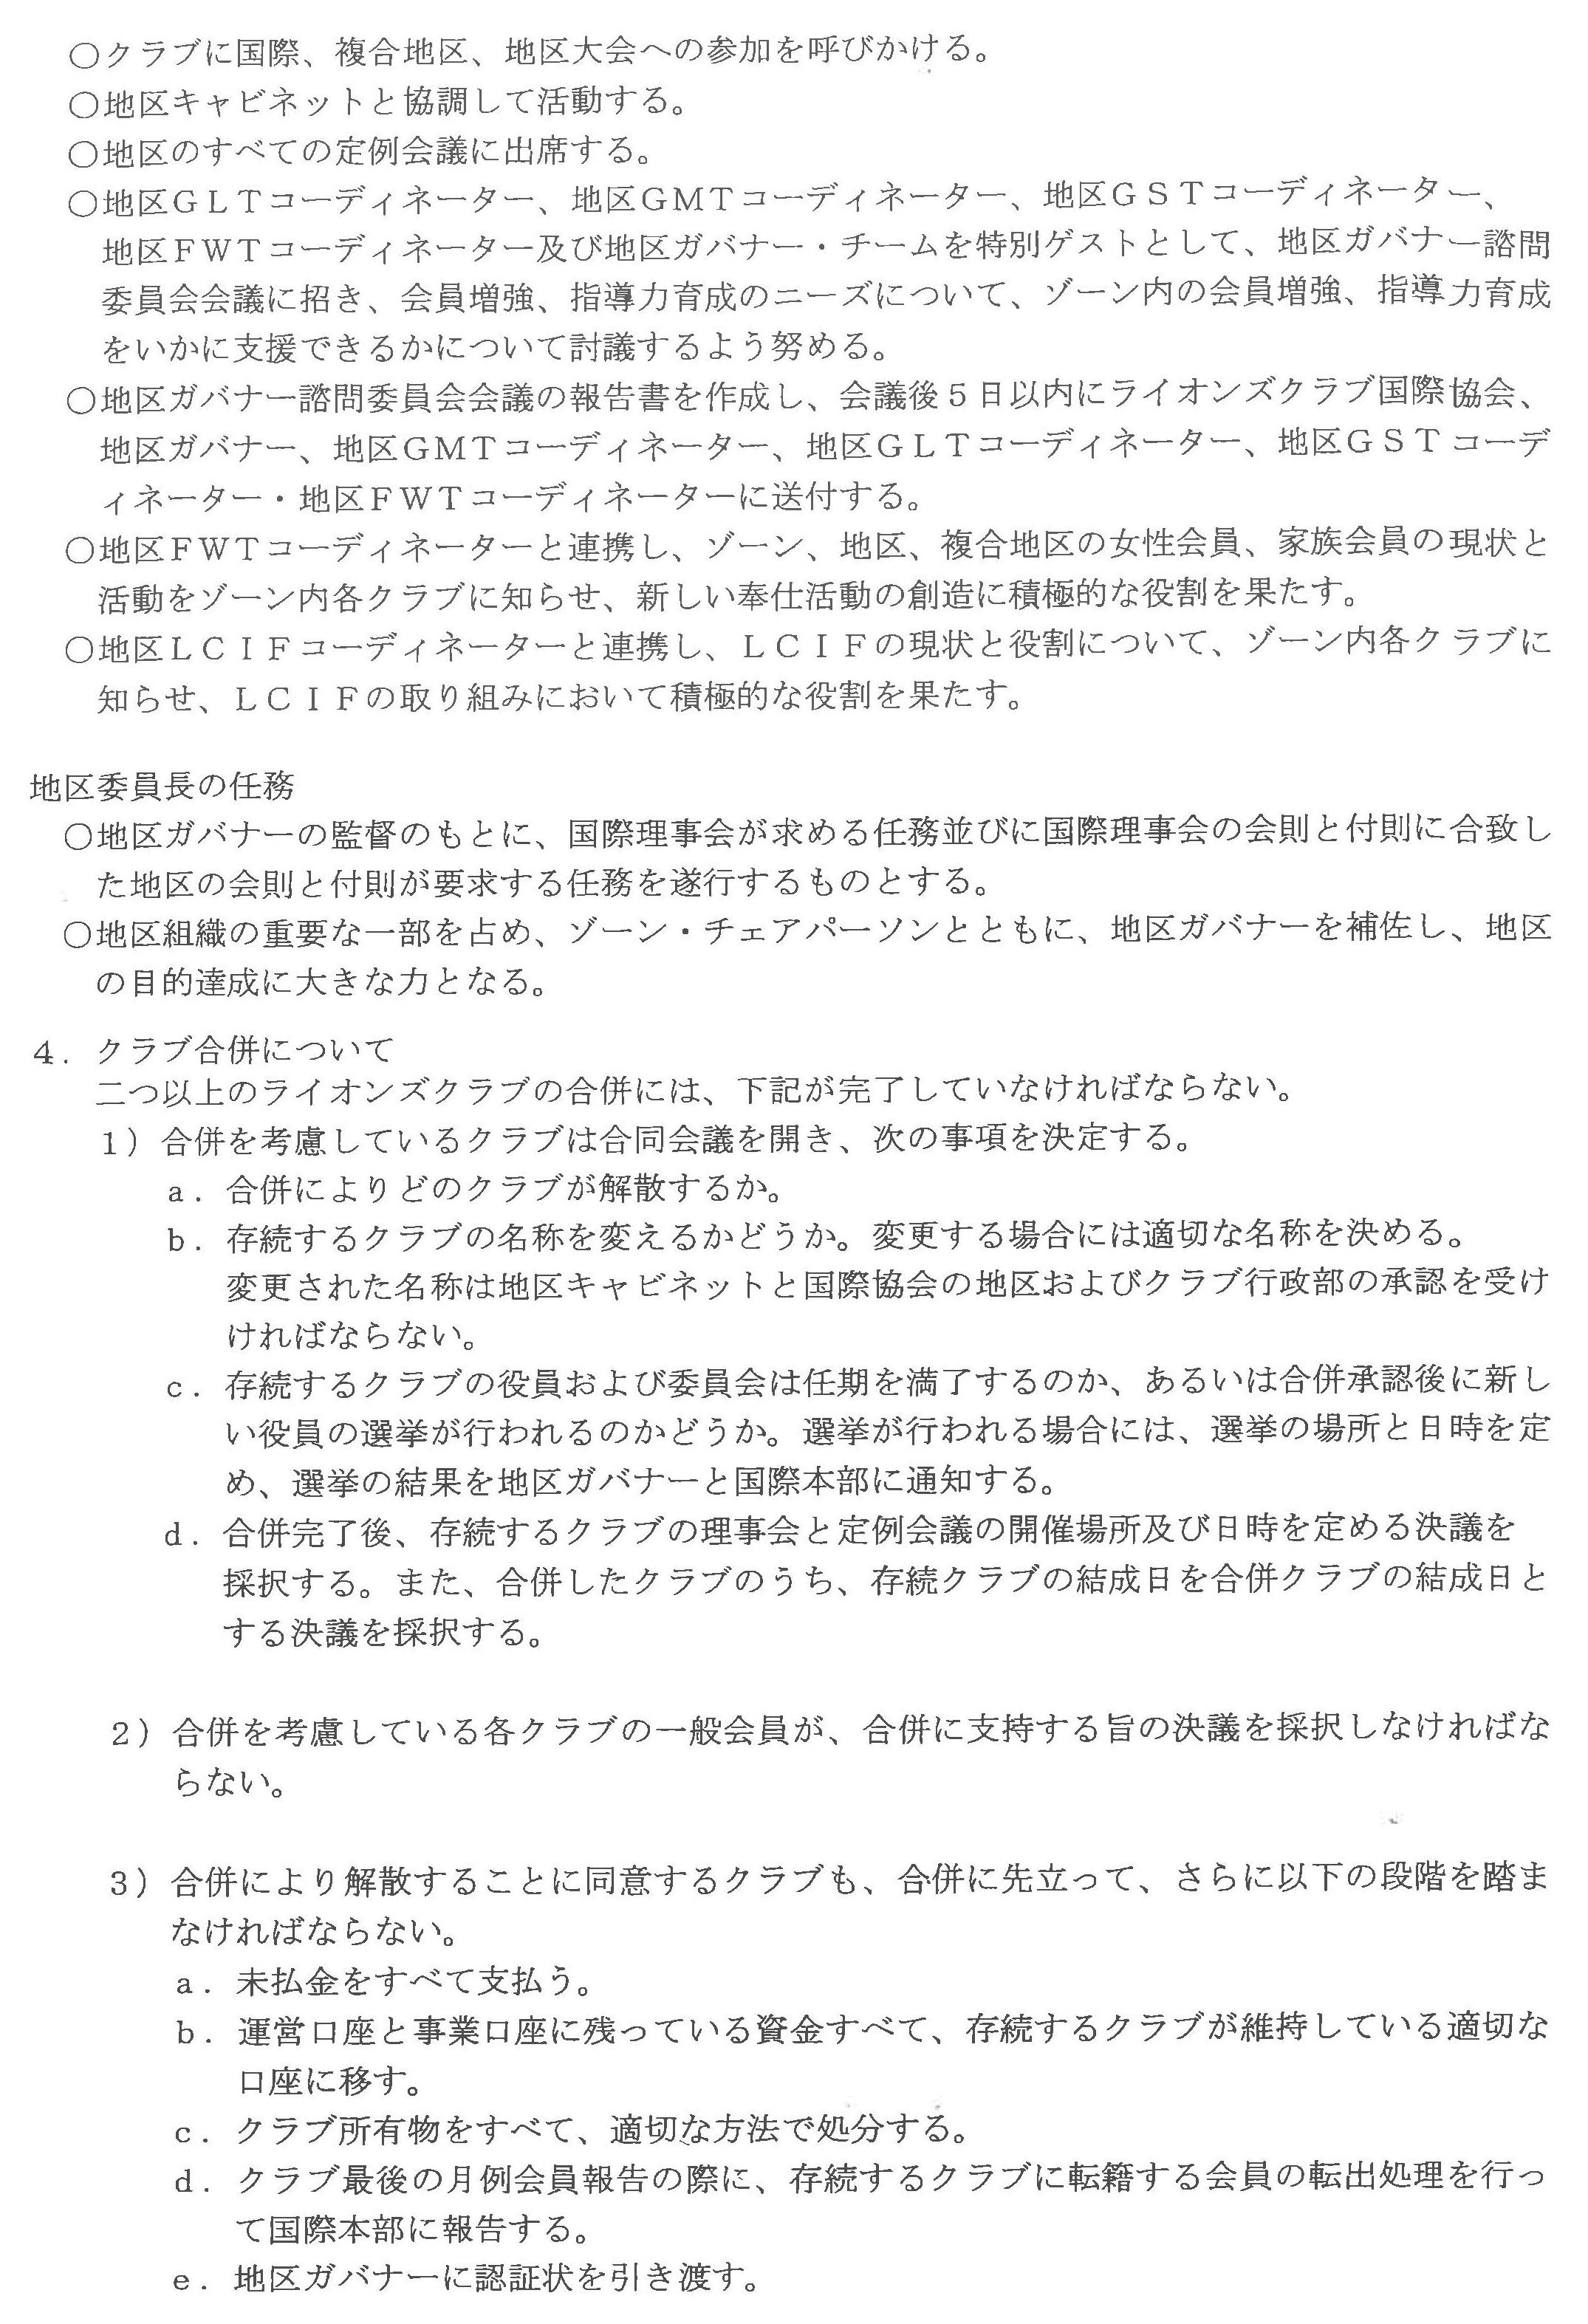 24第1回G諮問委員会Z会議 今年度の地区運営方針(案)1